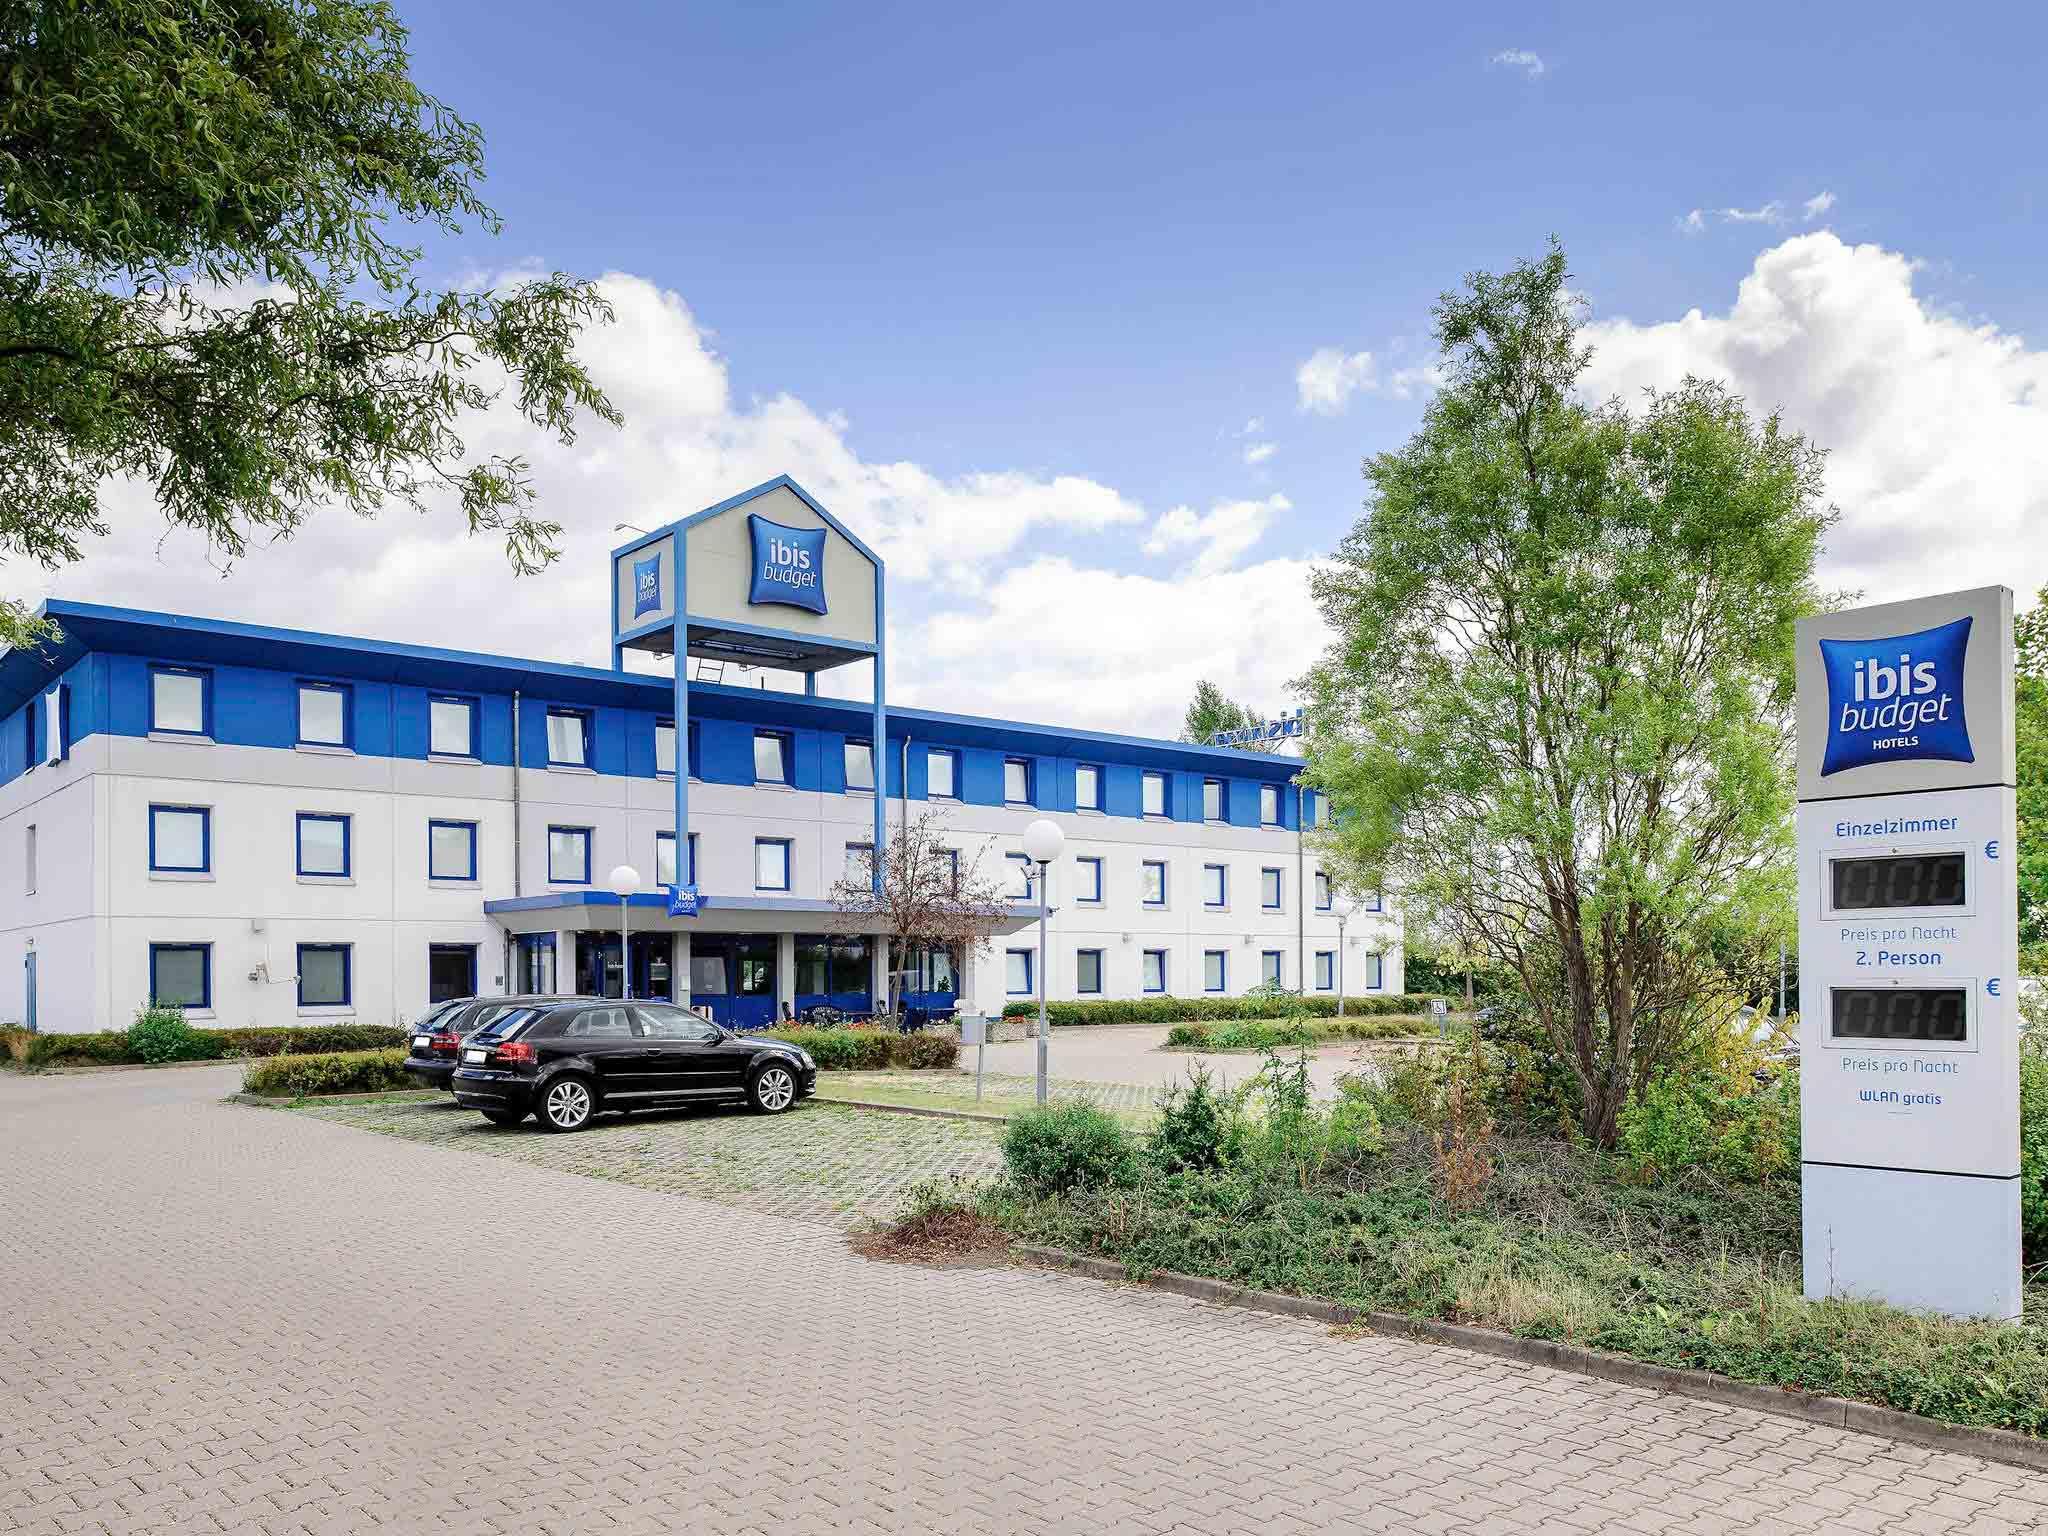 Hotel Ibis Budget Halle Peissen